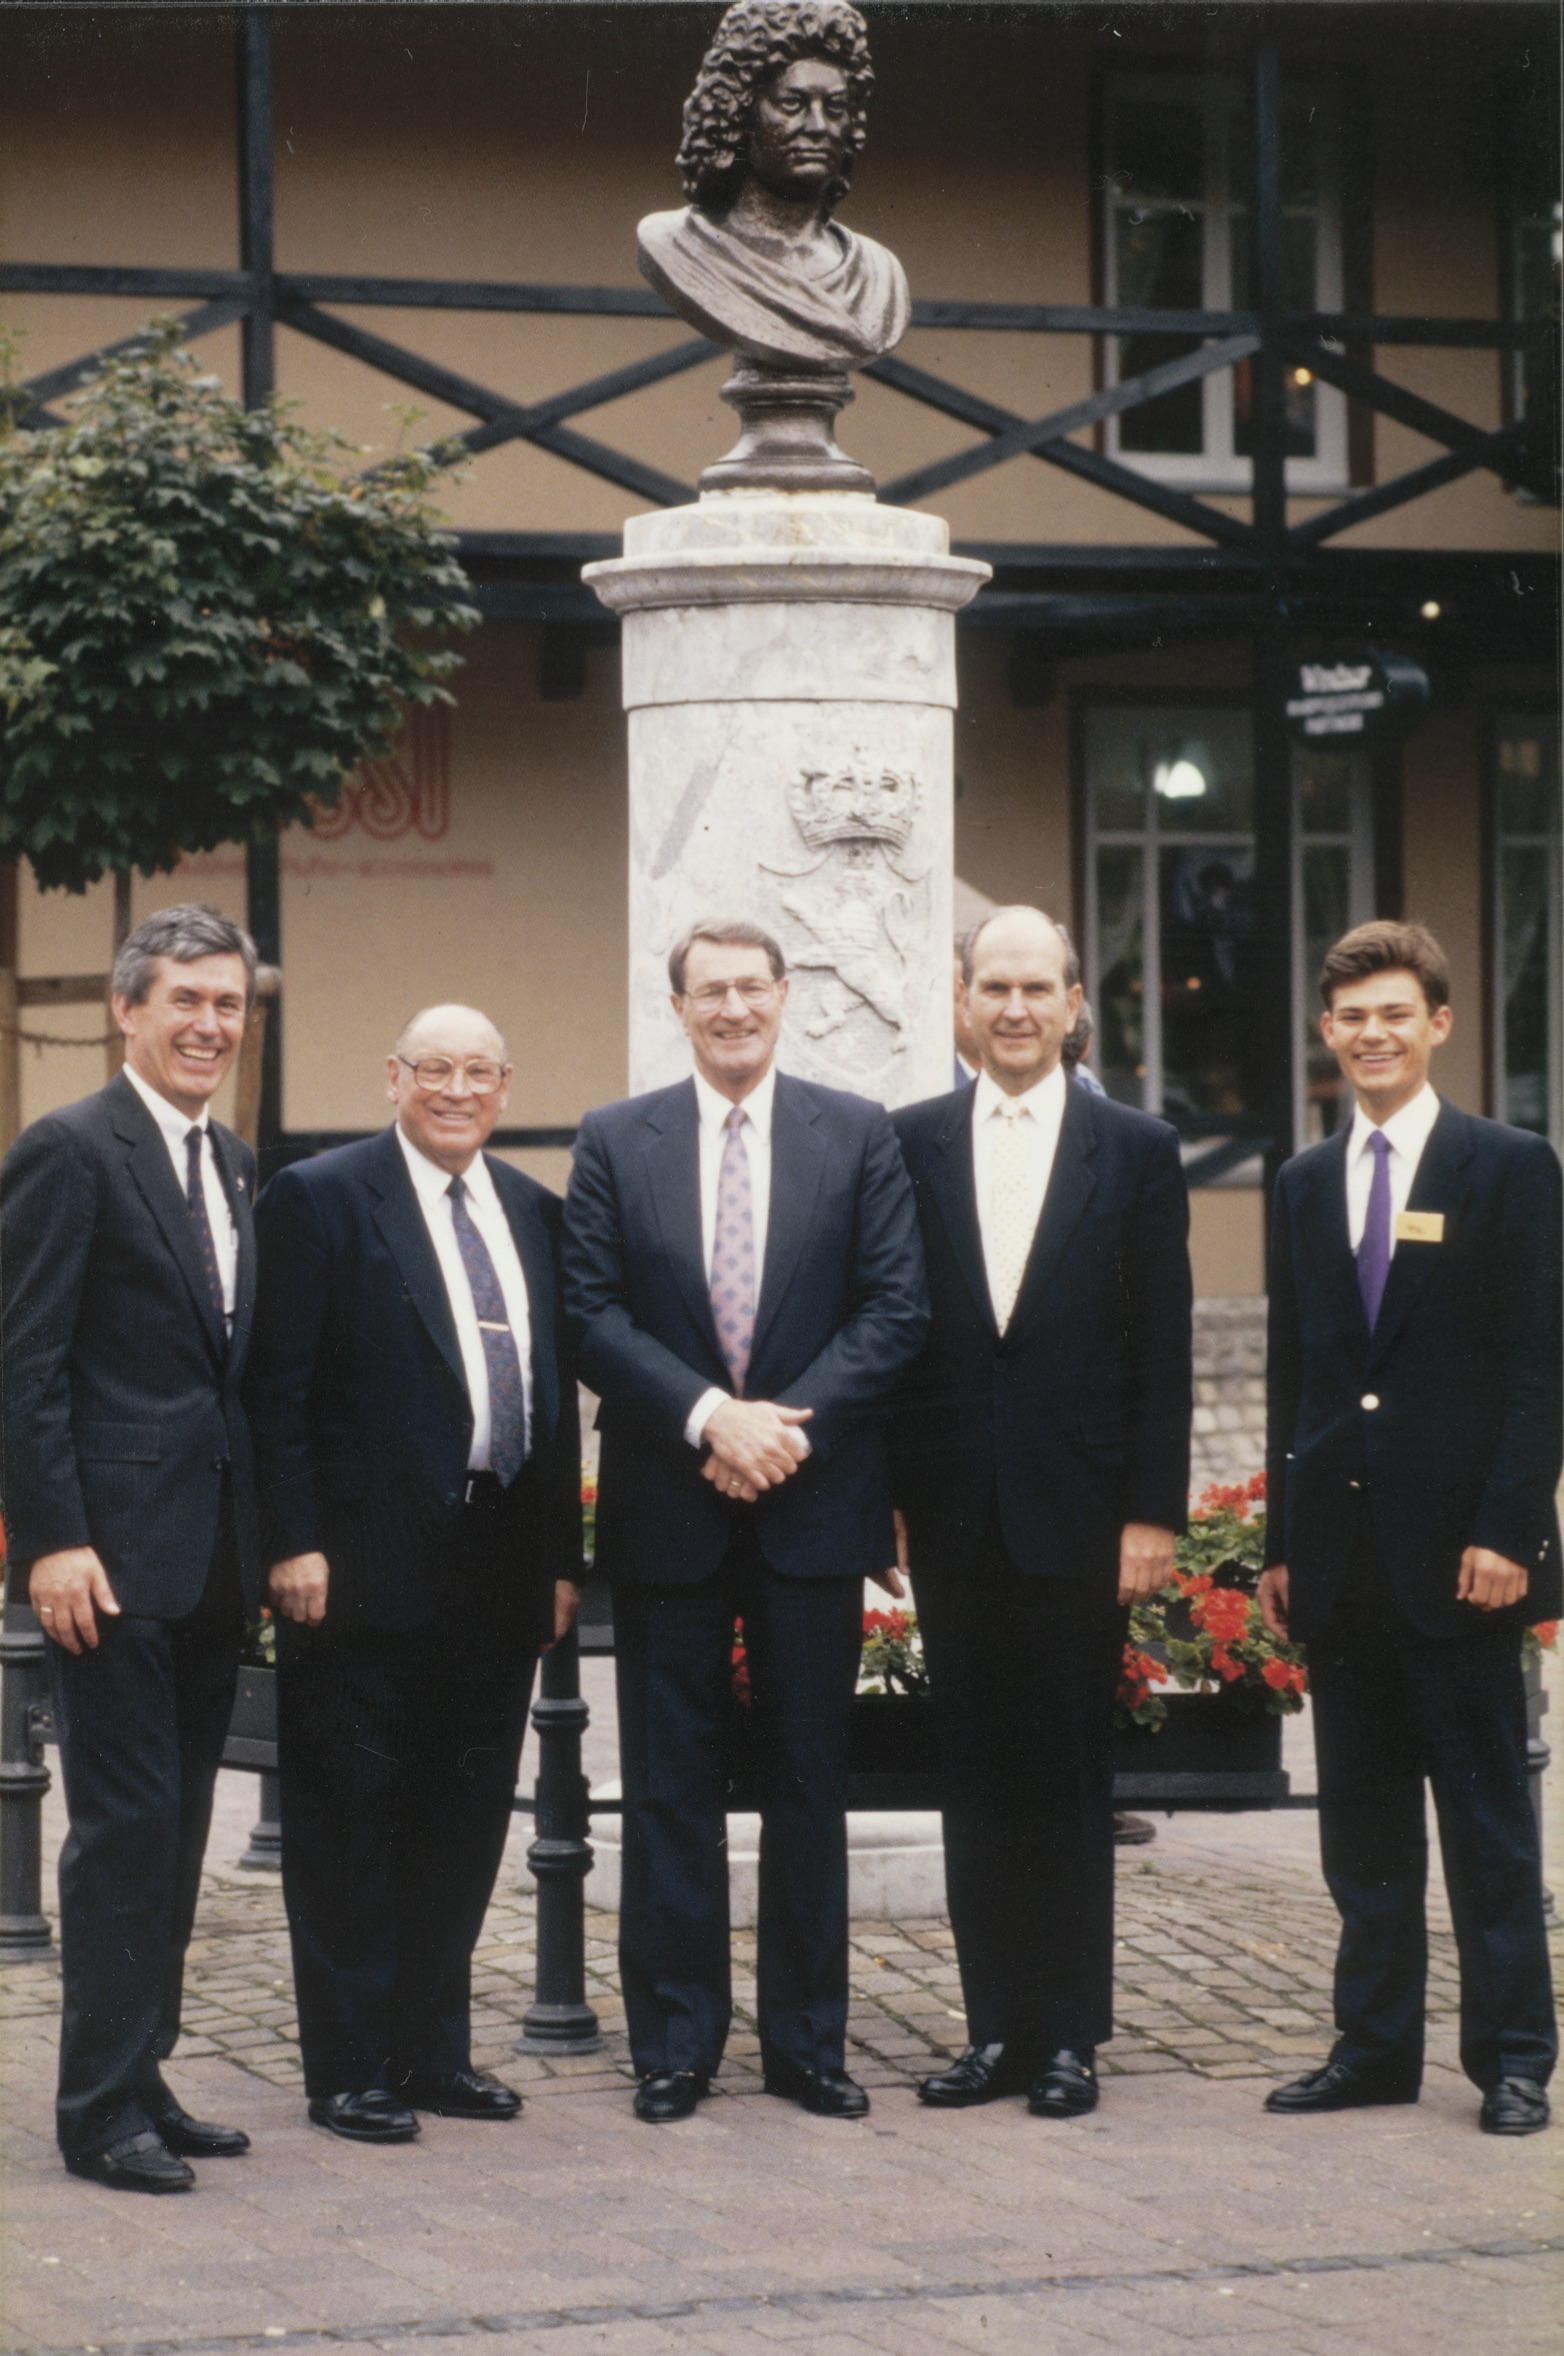 Dieter F. Uchtdorf, que servía como presidente del comité del Templo de Frankfurt, y su hijo Guido, posan con el élder Joseph B. Wirthlin, el élder Neal A. Maxwell y el élder Russell M. Nelson durante la casa abierta del Templo de Frankfurt Alemania en 1987.